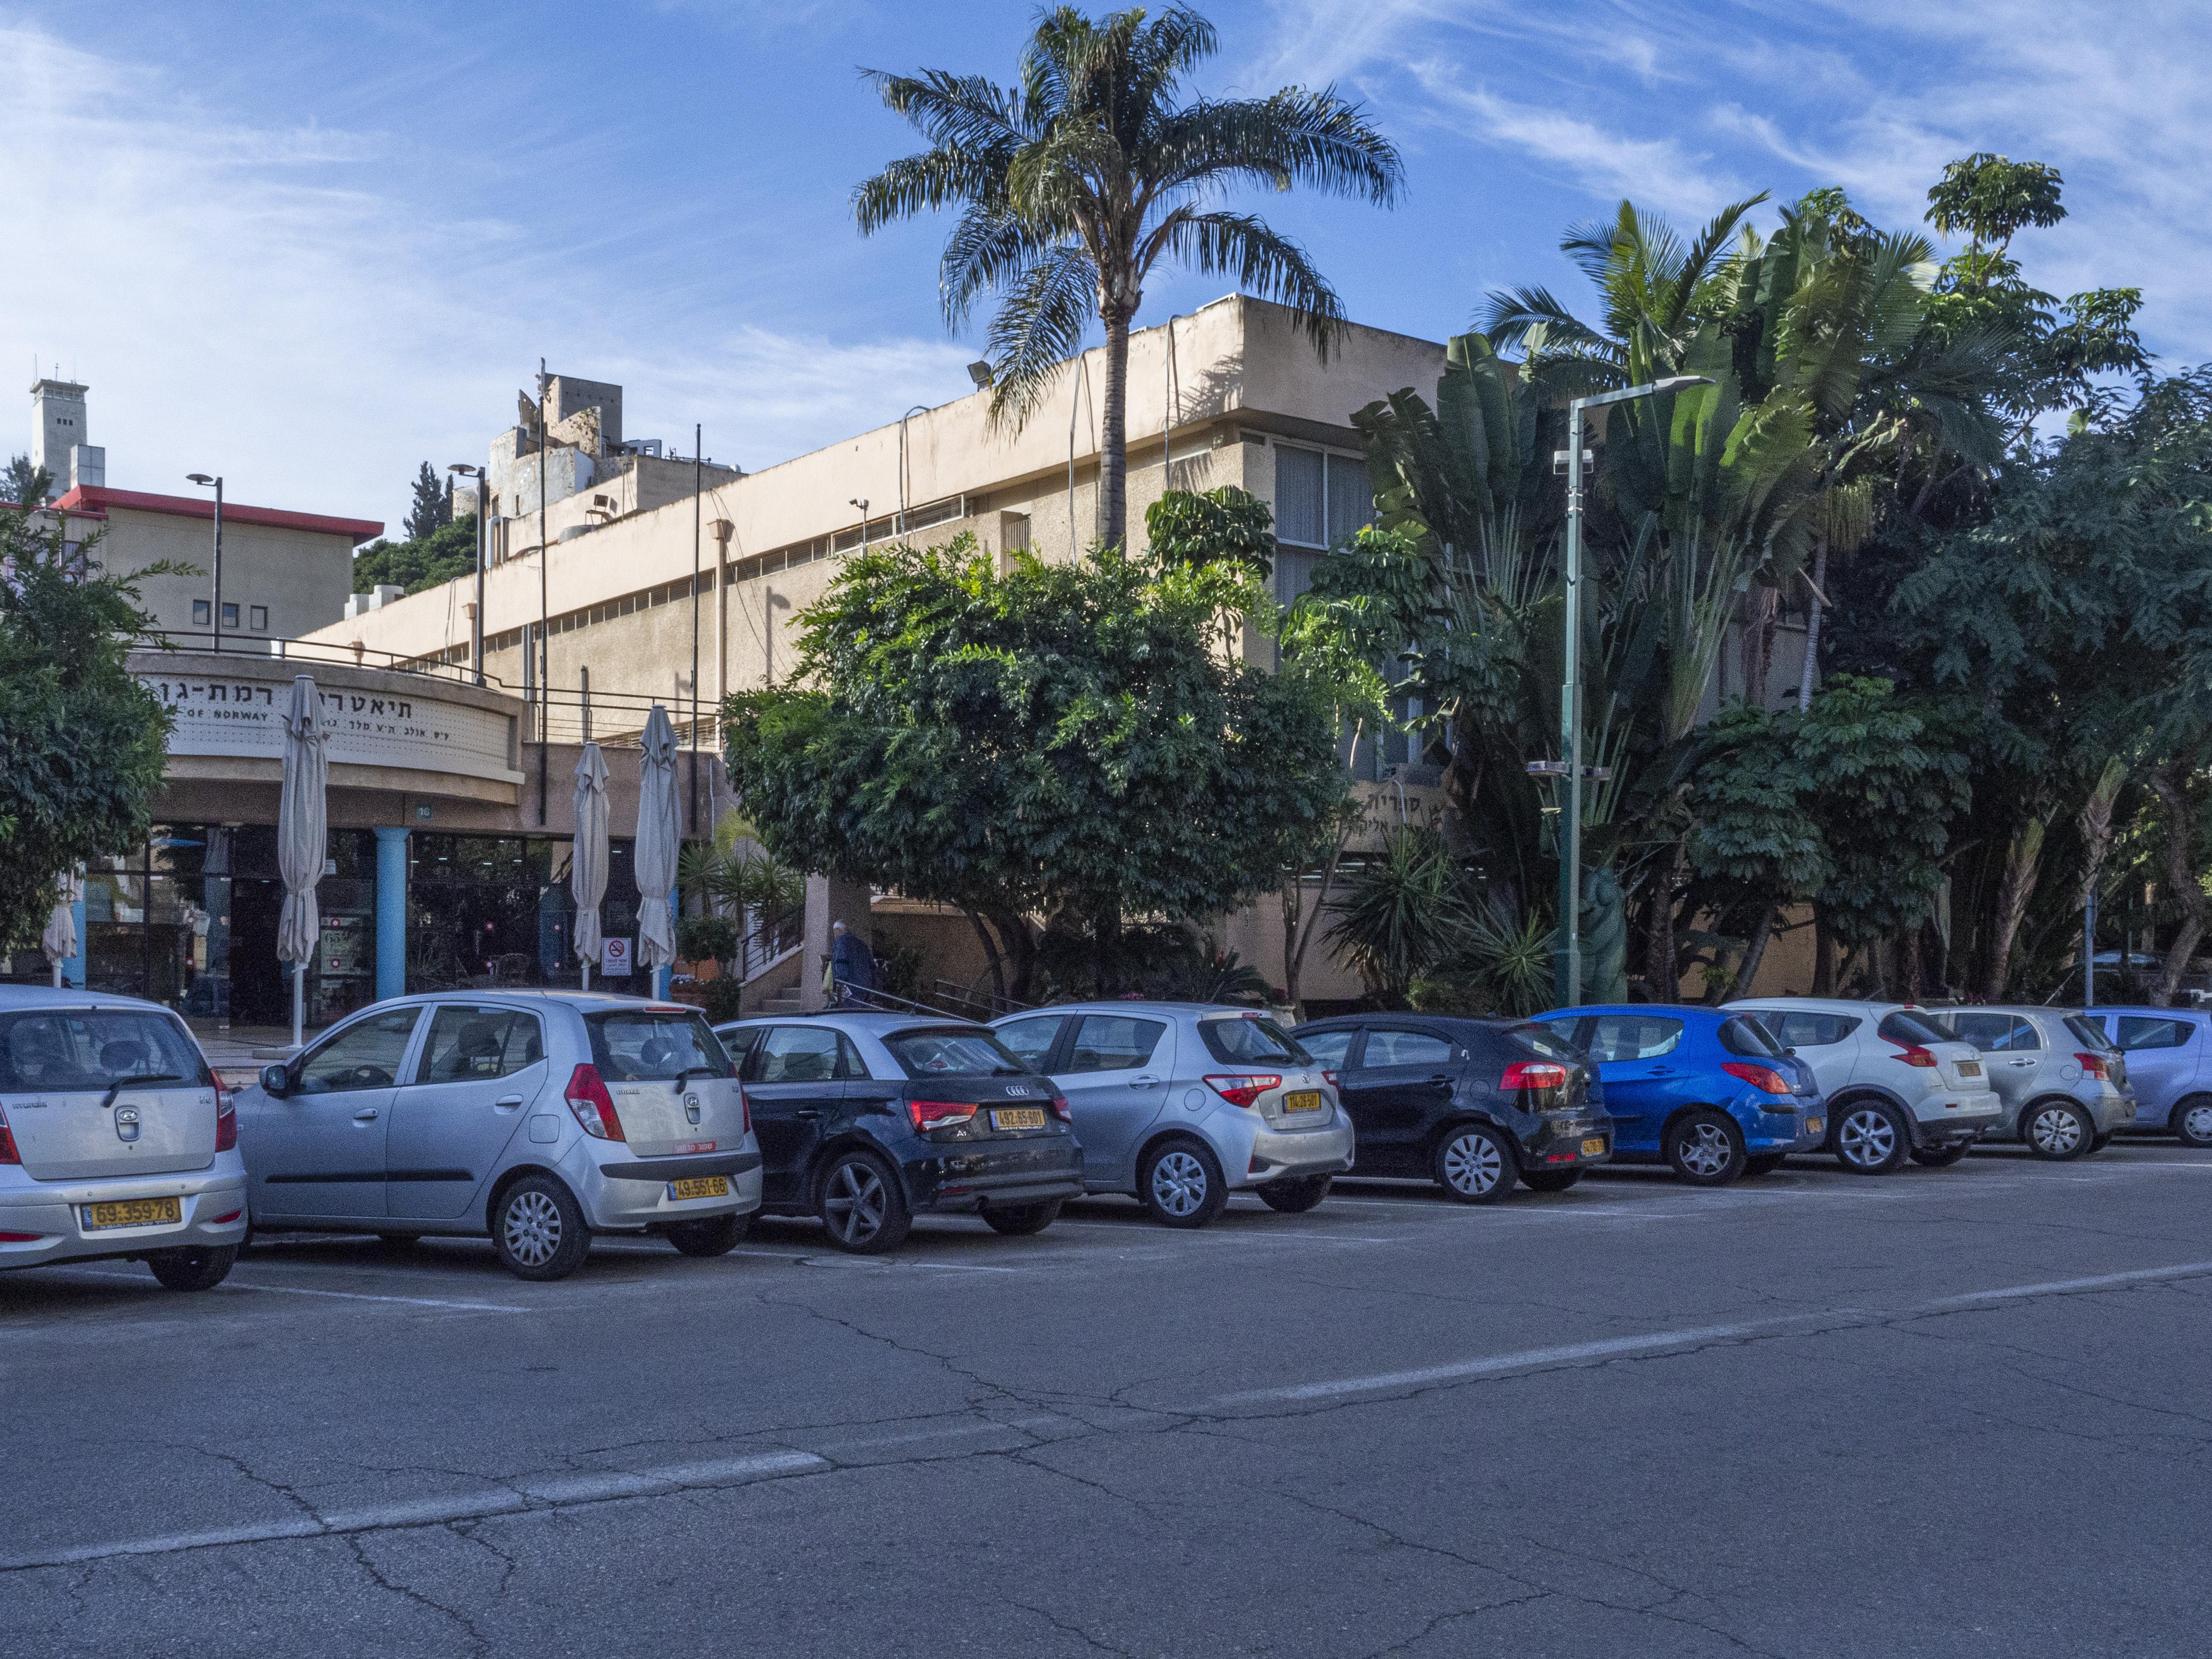 הספריה העירונית המרכזית ברמת גן